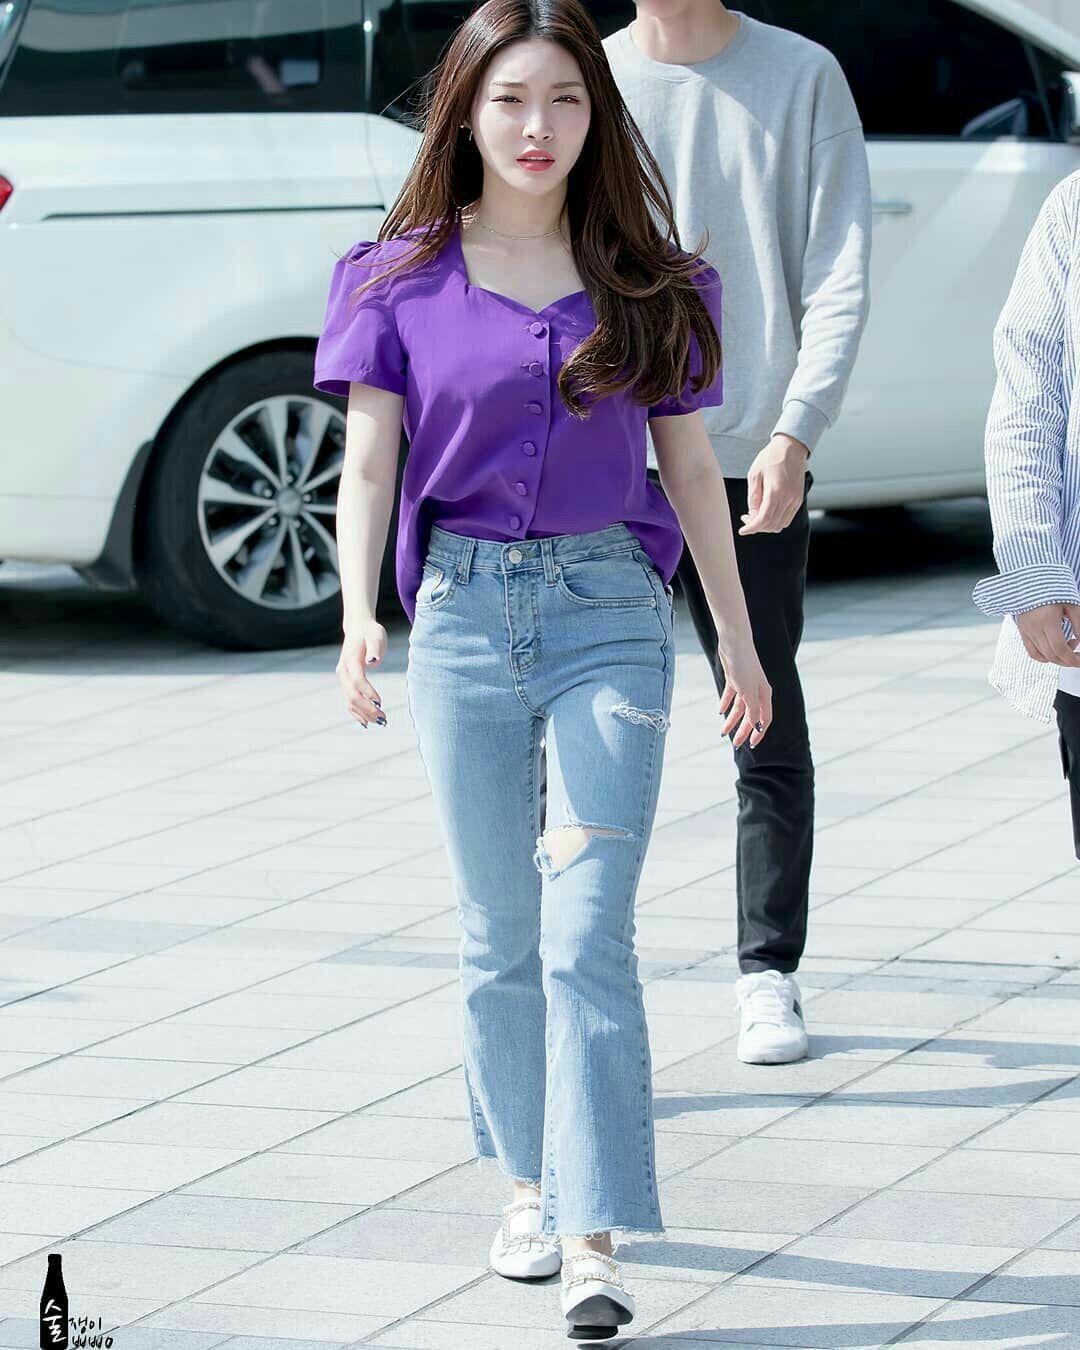 phong cách thời trang Kim Chung Ha 14